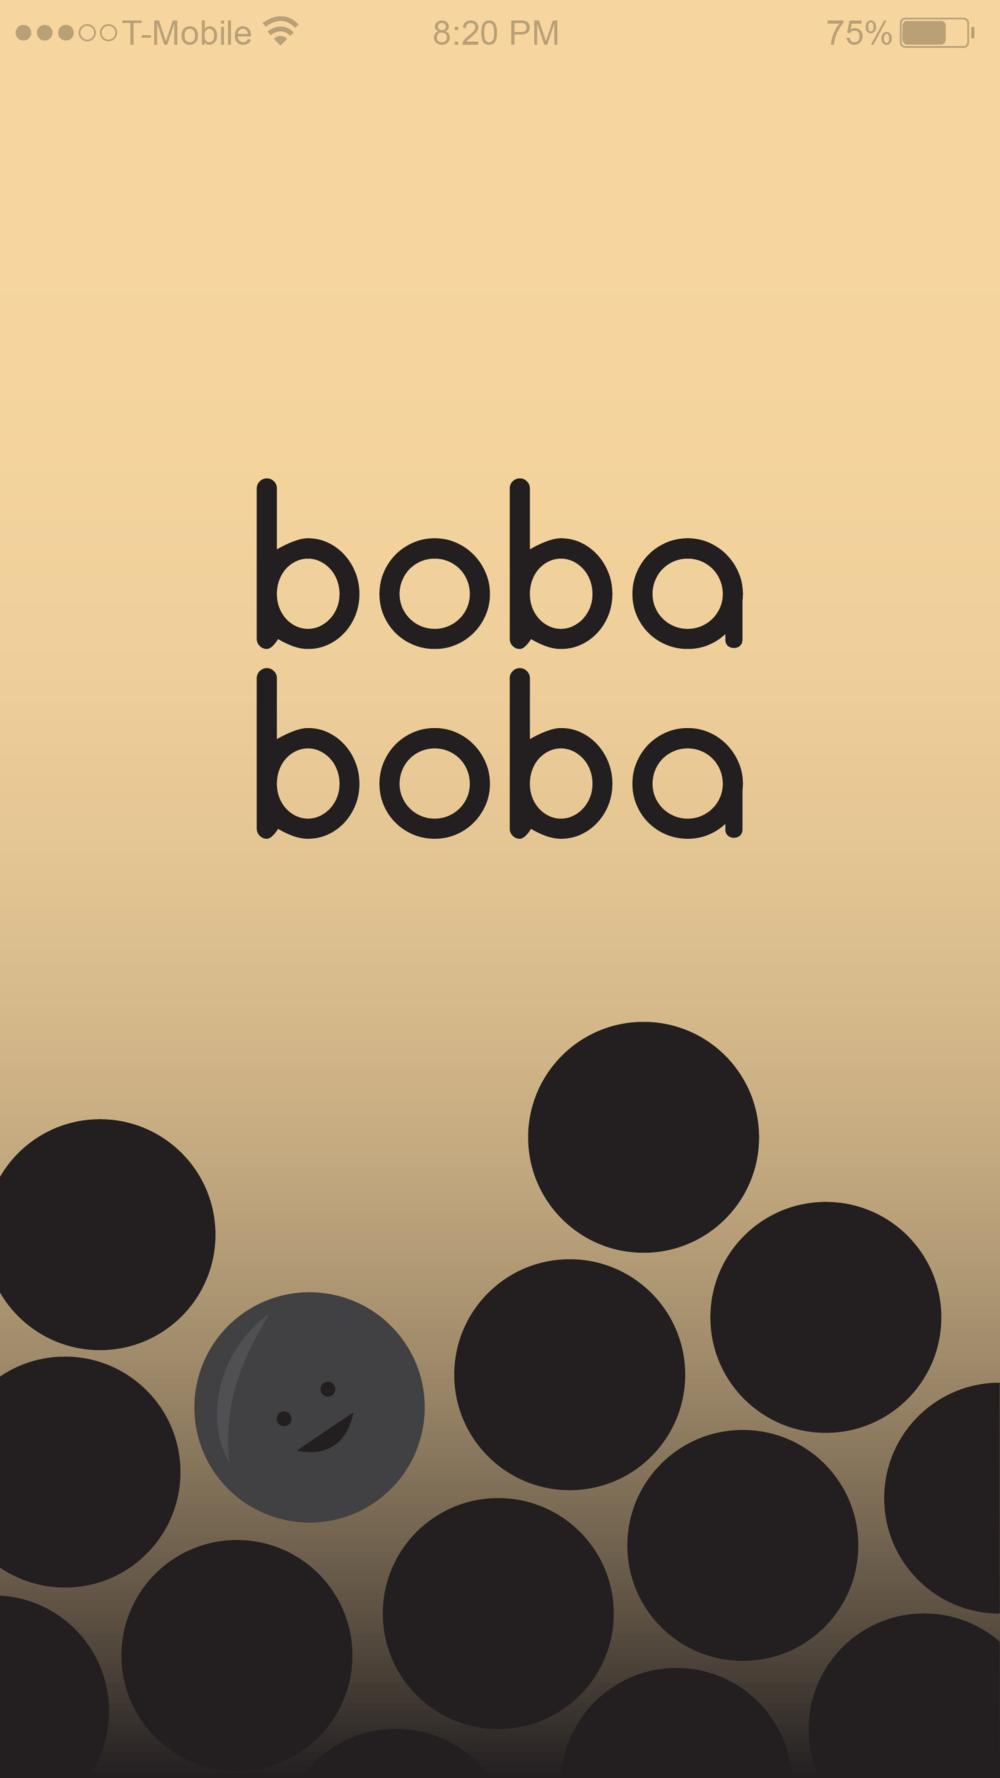 bobaboba_1.png